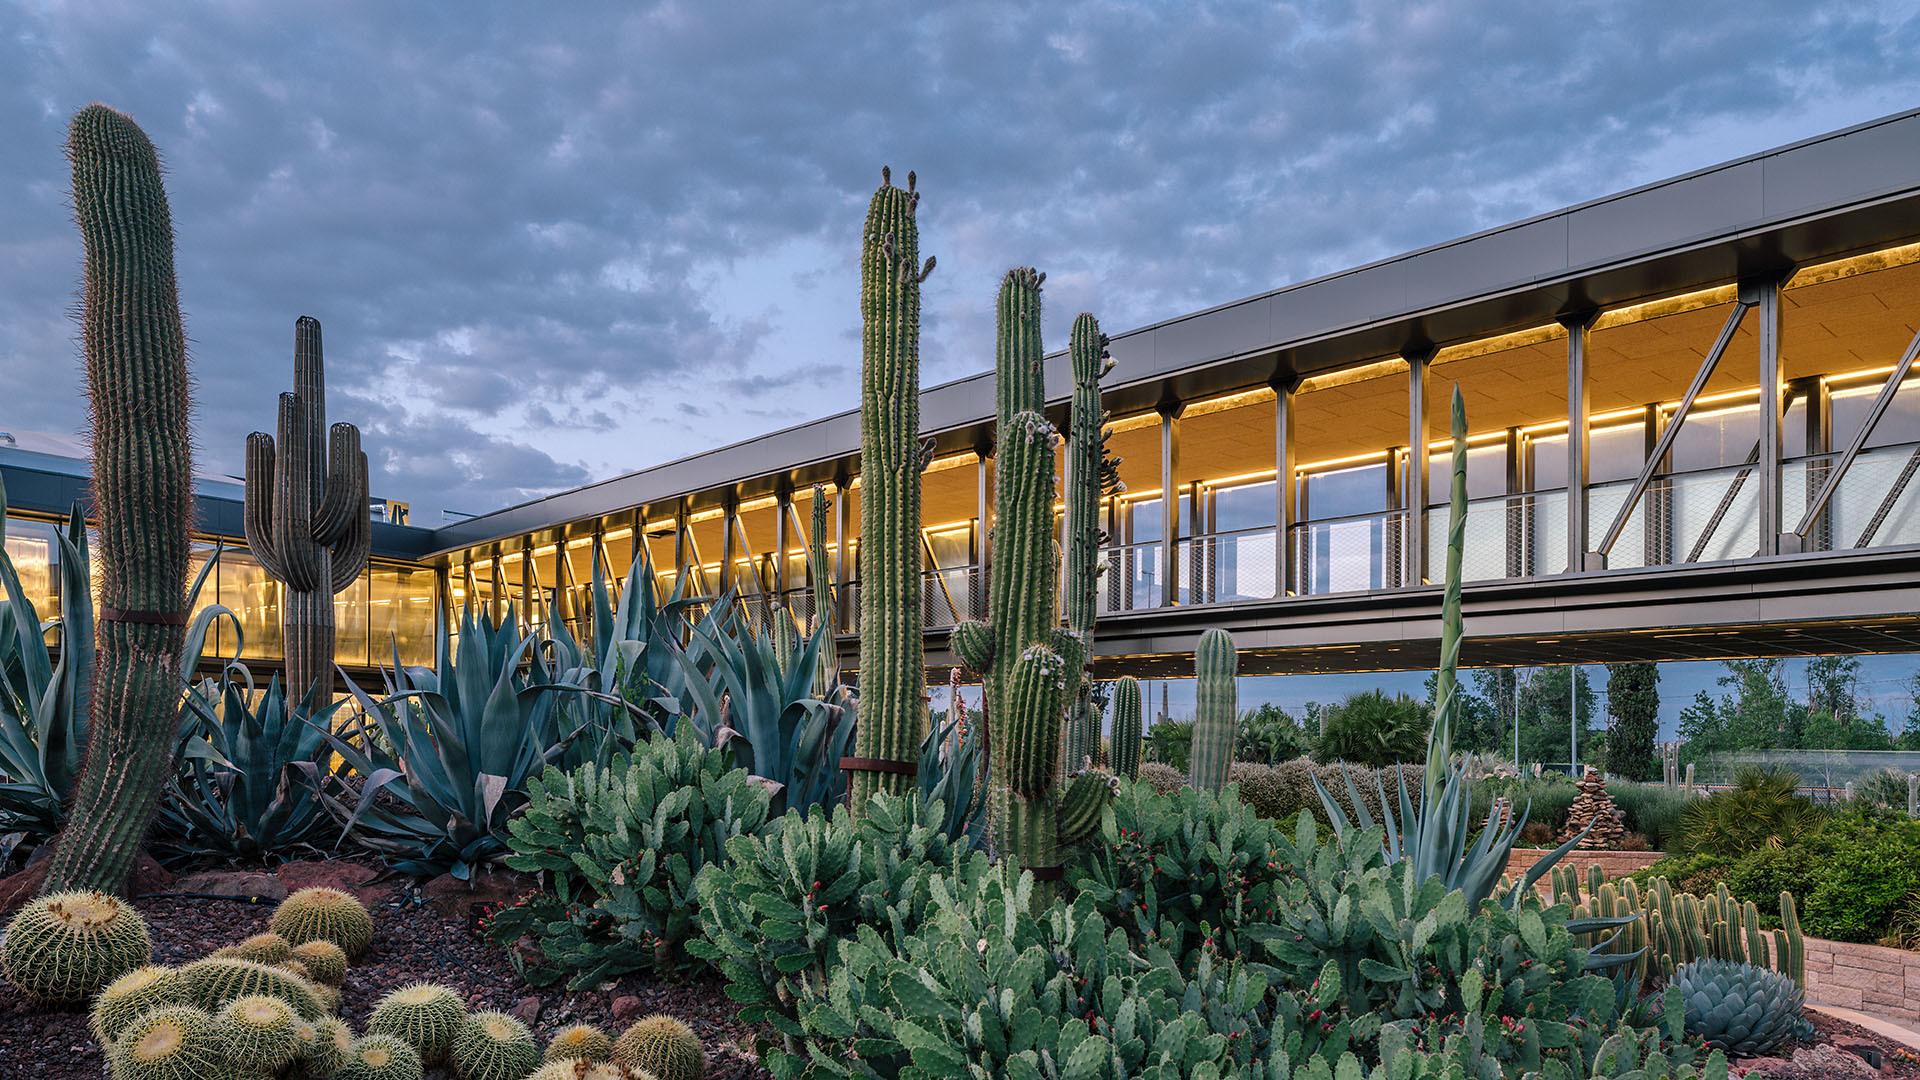 Desert city garciagerman arquitectos archdaily - Arquitectos de interiores famosos ...